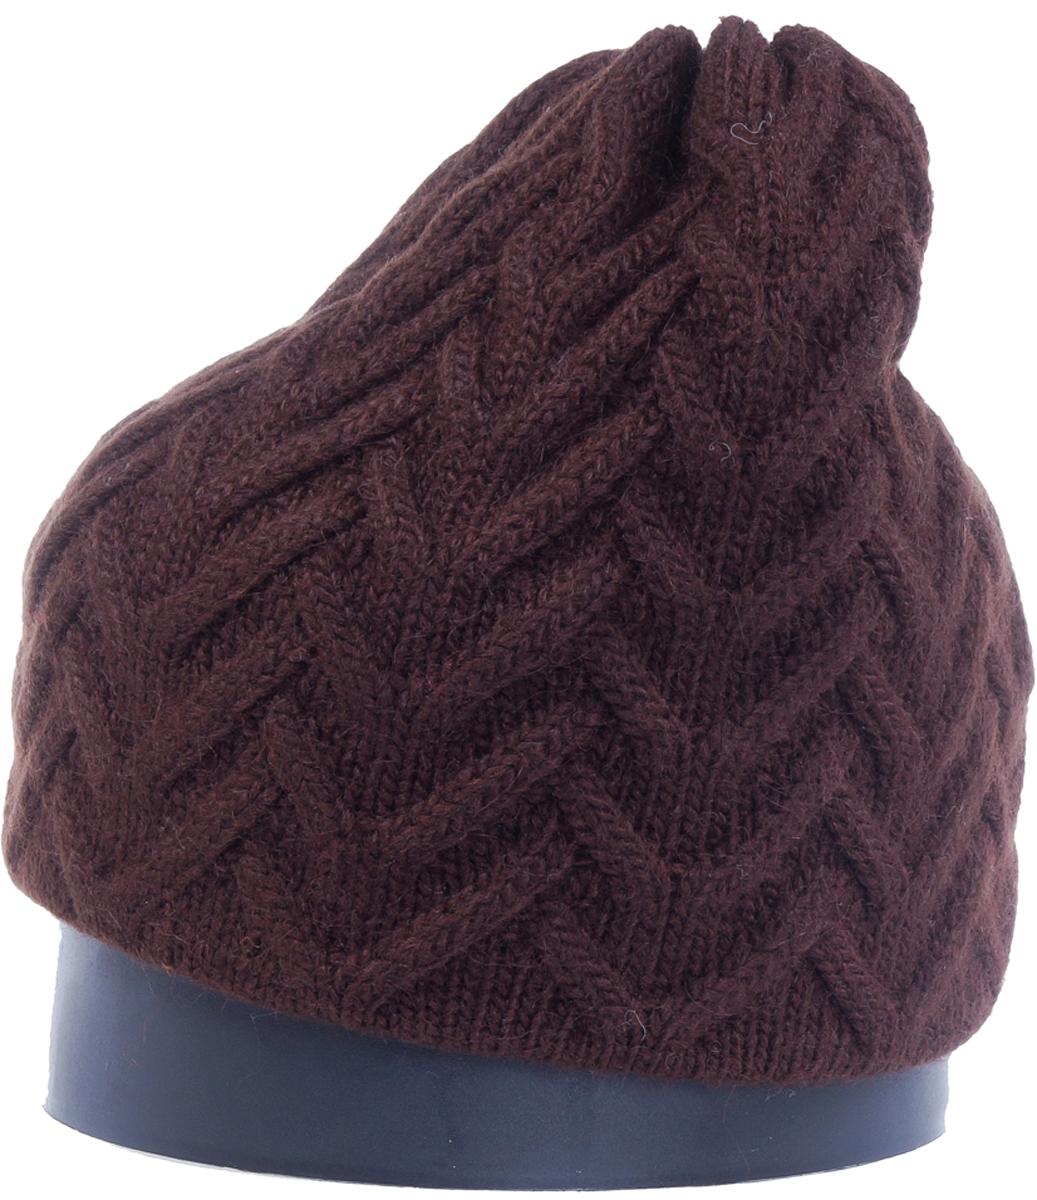 Шапка женская Vittorio Richi, цвет: коричневый. Aut141936V-85/17. Размер 56/58Aut141936VСтильная женская шапка Vittorio Richi отлично дополнит ваш образ в холодную погоду. Модель, изготовленная из высококачественных материалов, максимально сохраняет тепло и обеспечивает удобную посадку. Шапка дополнена ажурной вязкой. Привлекательная стильная шапка подчеркнет ваш неповторимый стиль и индивидуальность.